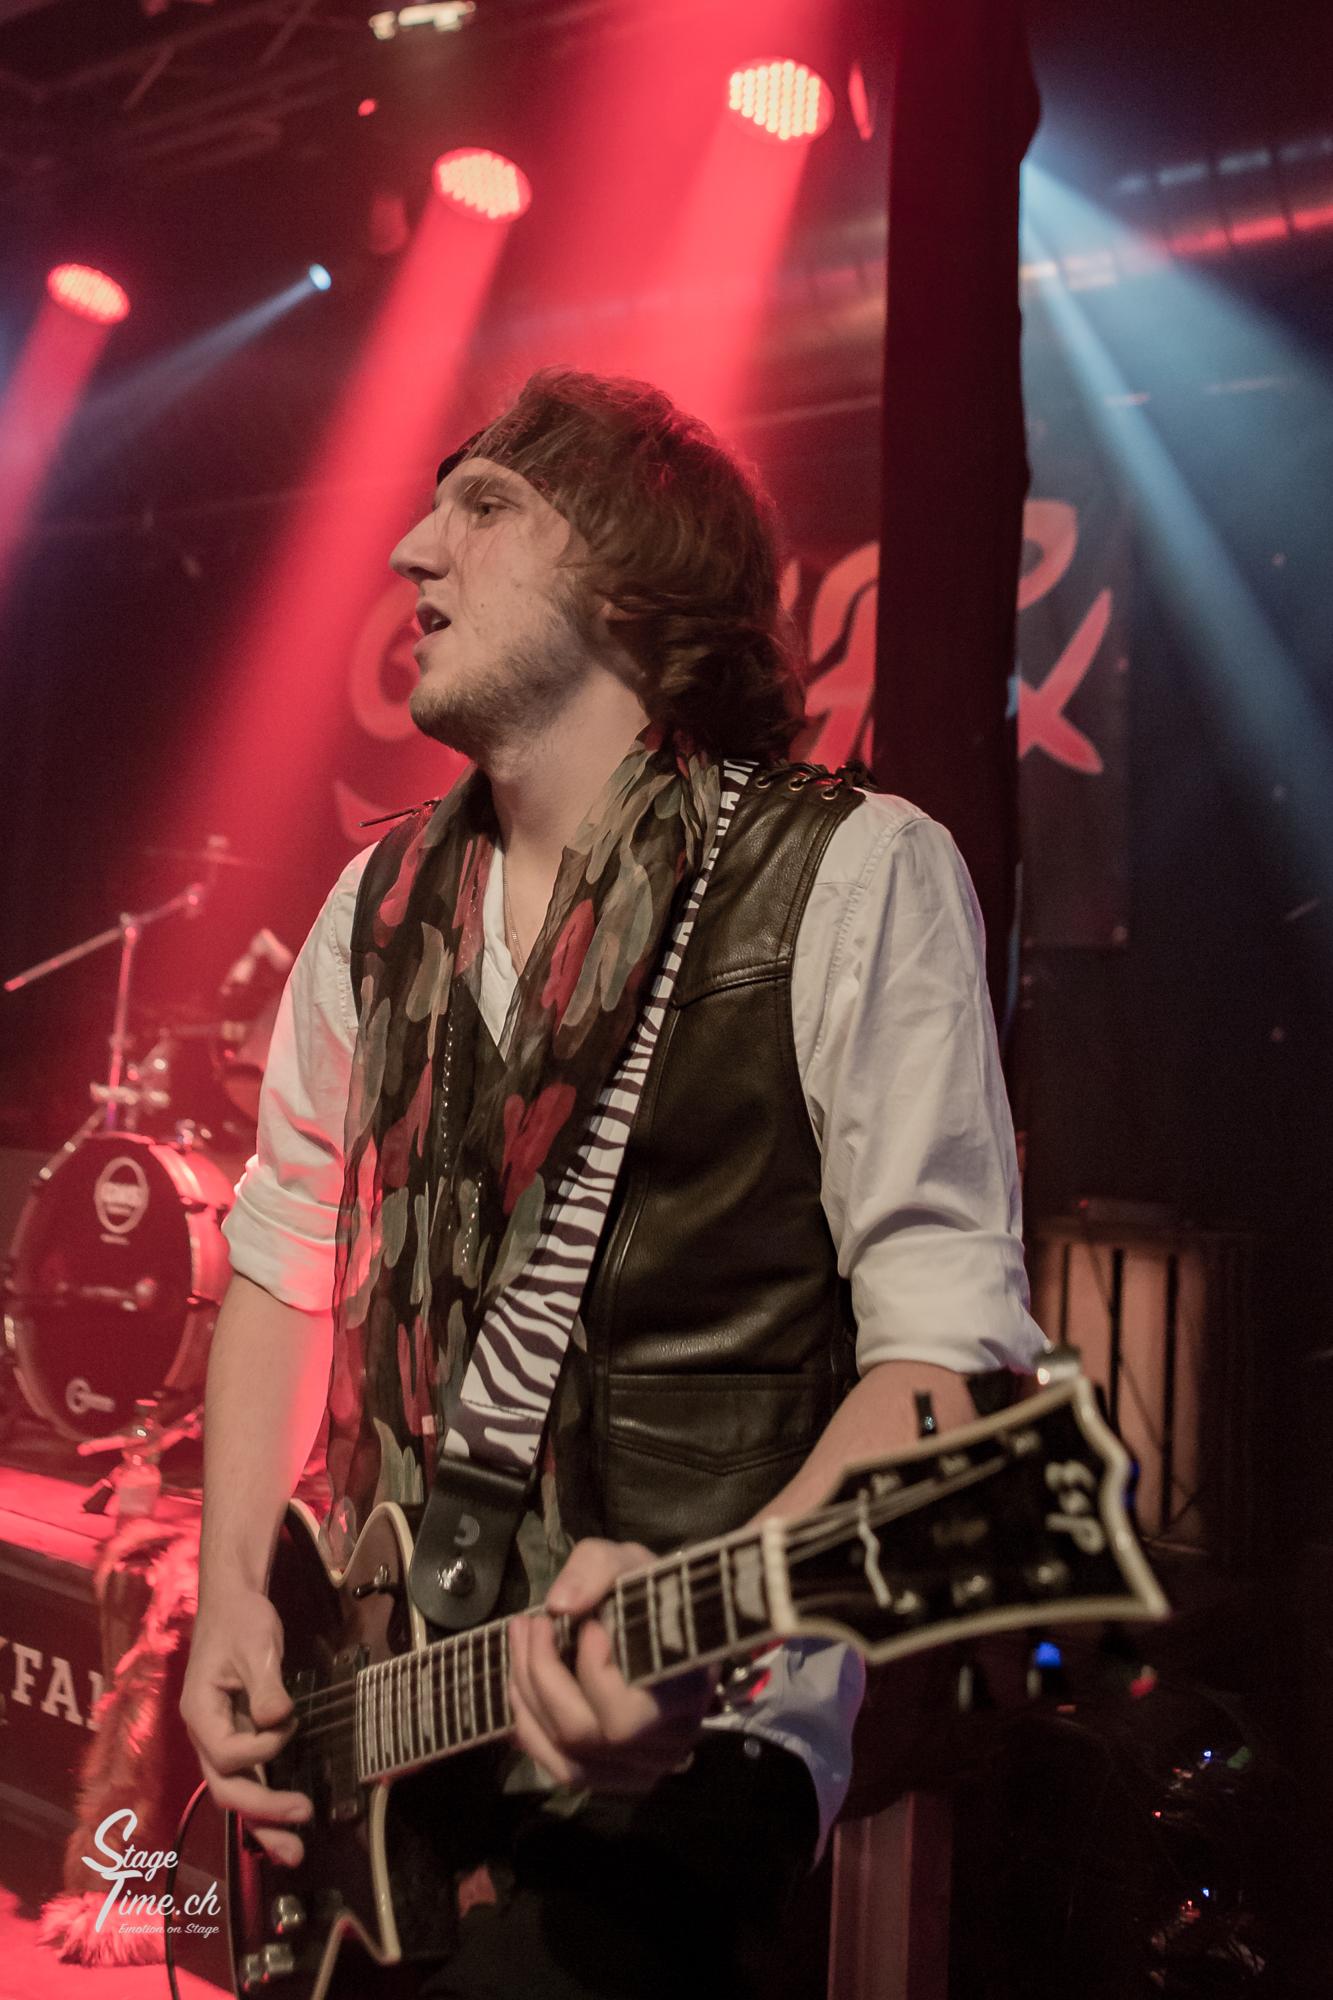 Dizzy_Fox___1st_Swiss_Glam_Rock_Fest-5